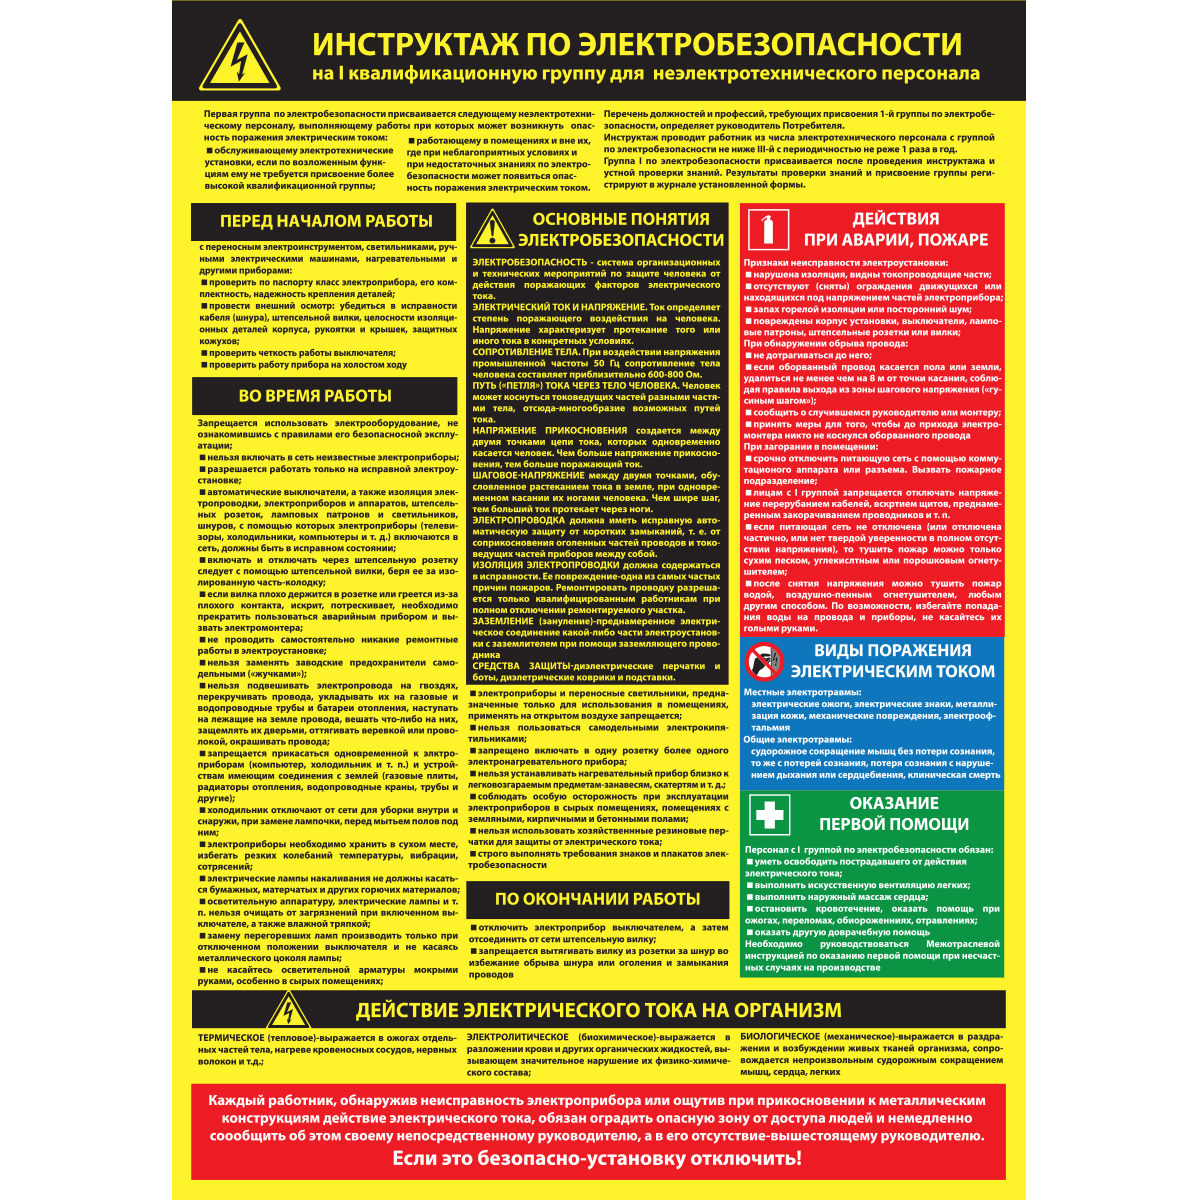 Как проводиться инструктаж по электробезопасности на 1 группу электробезопасность группы помещений